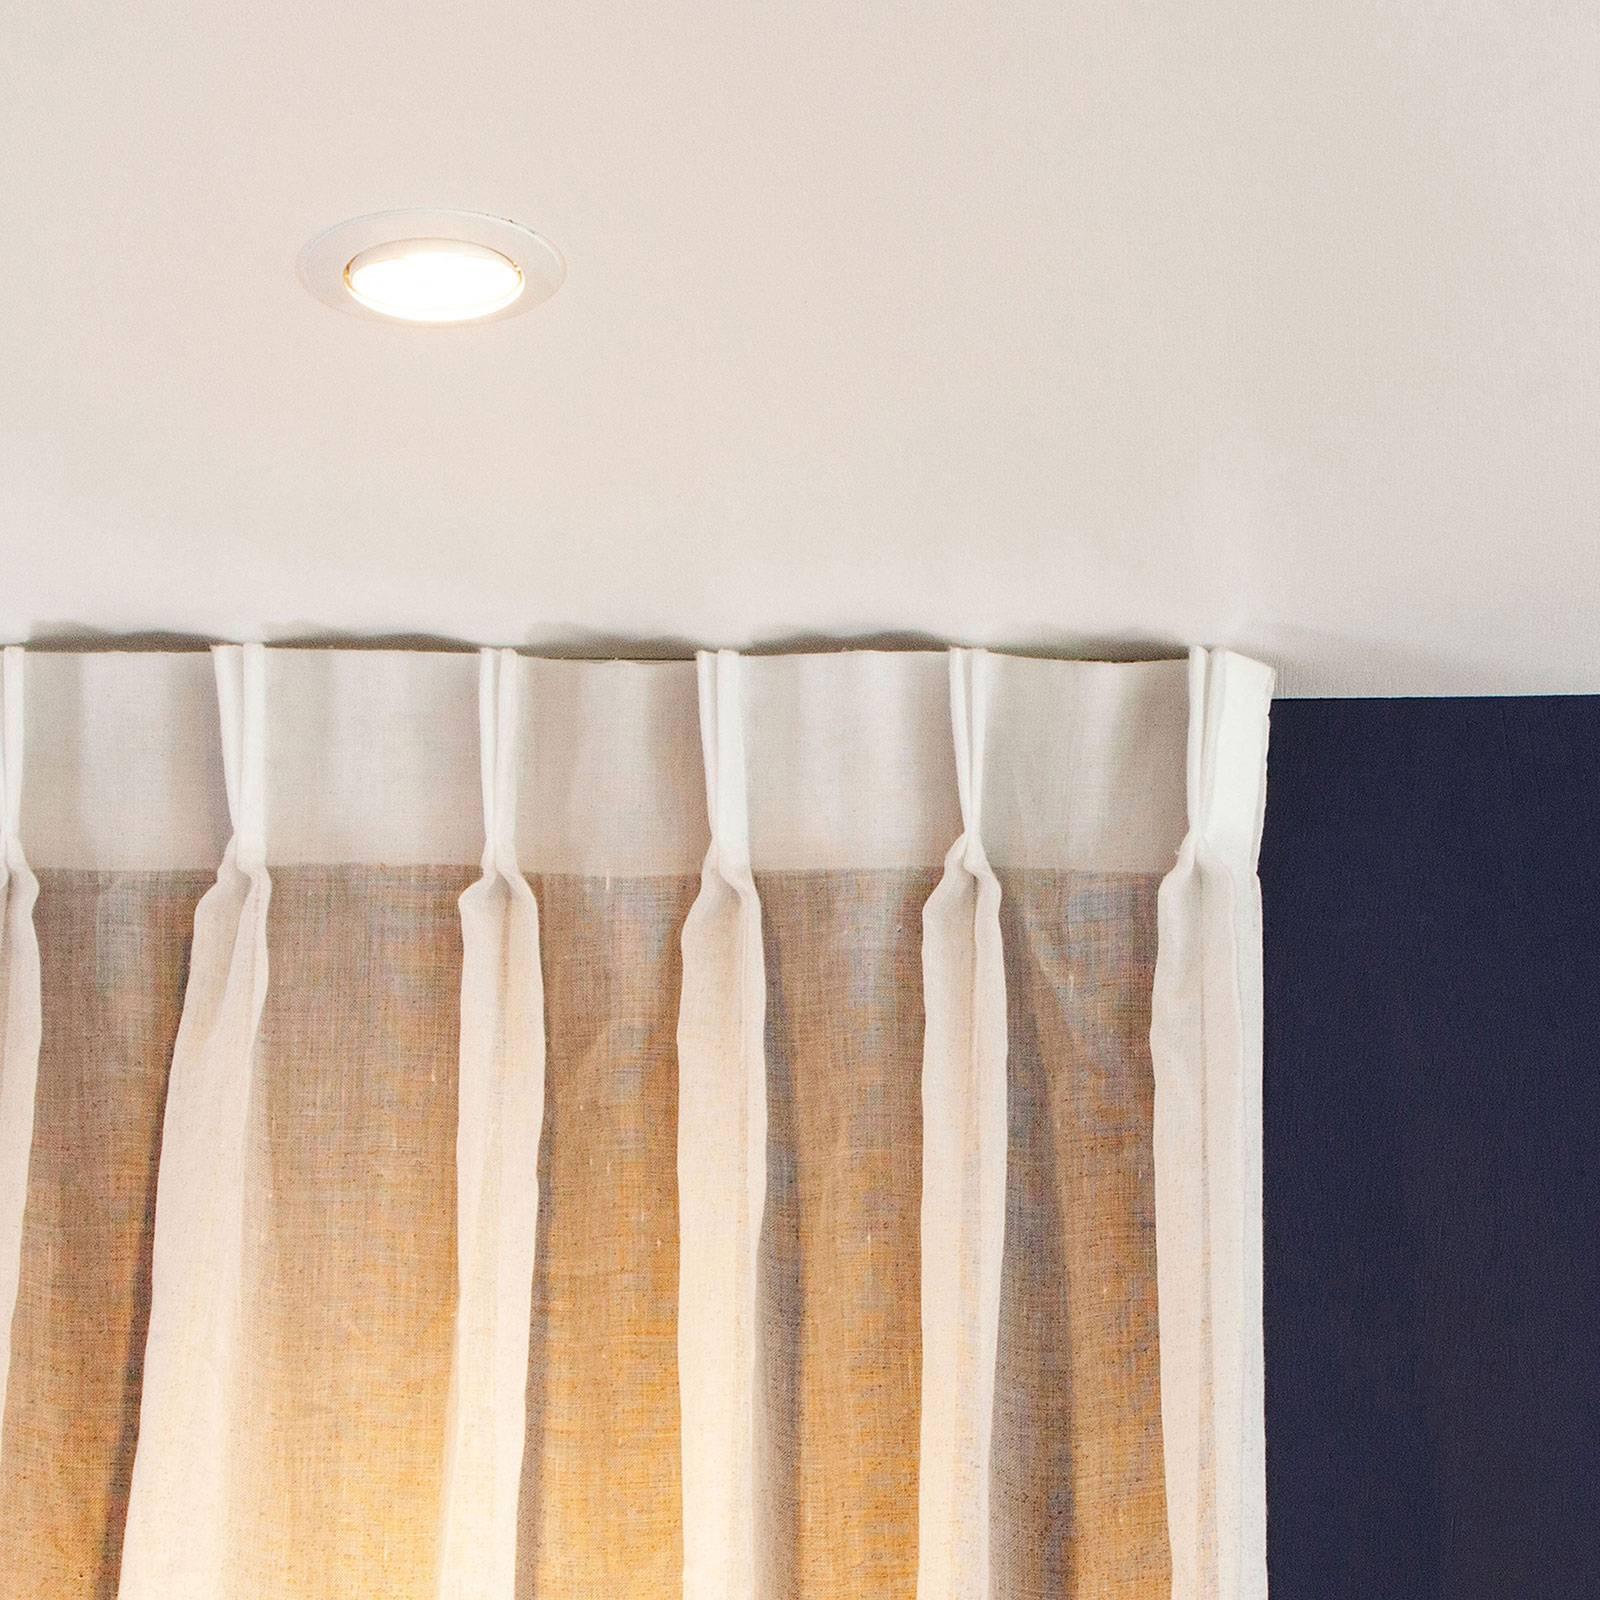 Innr Smart -LED-spotti GU10 4,8W 36° 350lm 827, 4